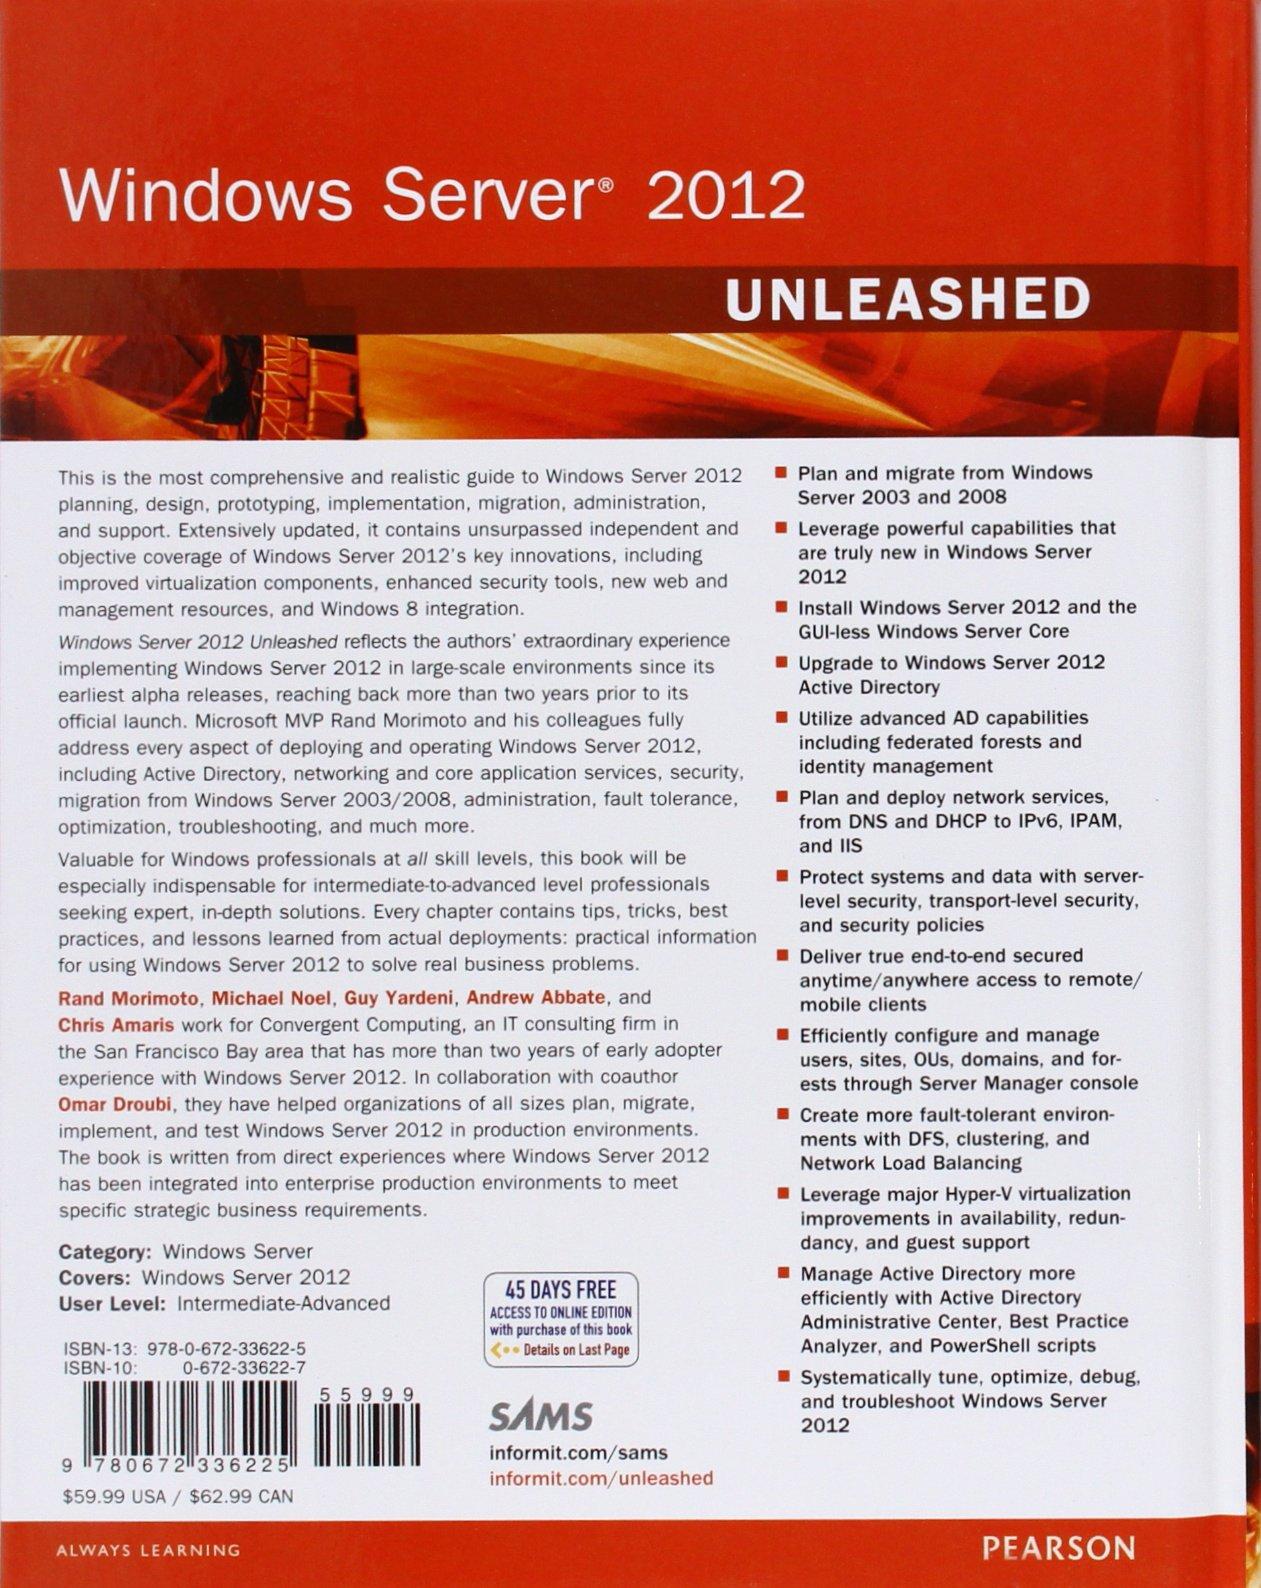 windows server 2012 unleashed ebook download